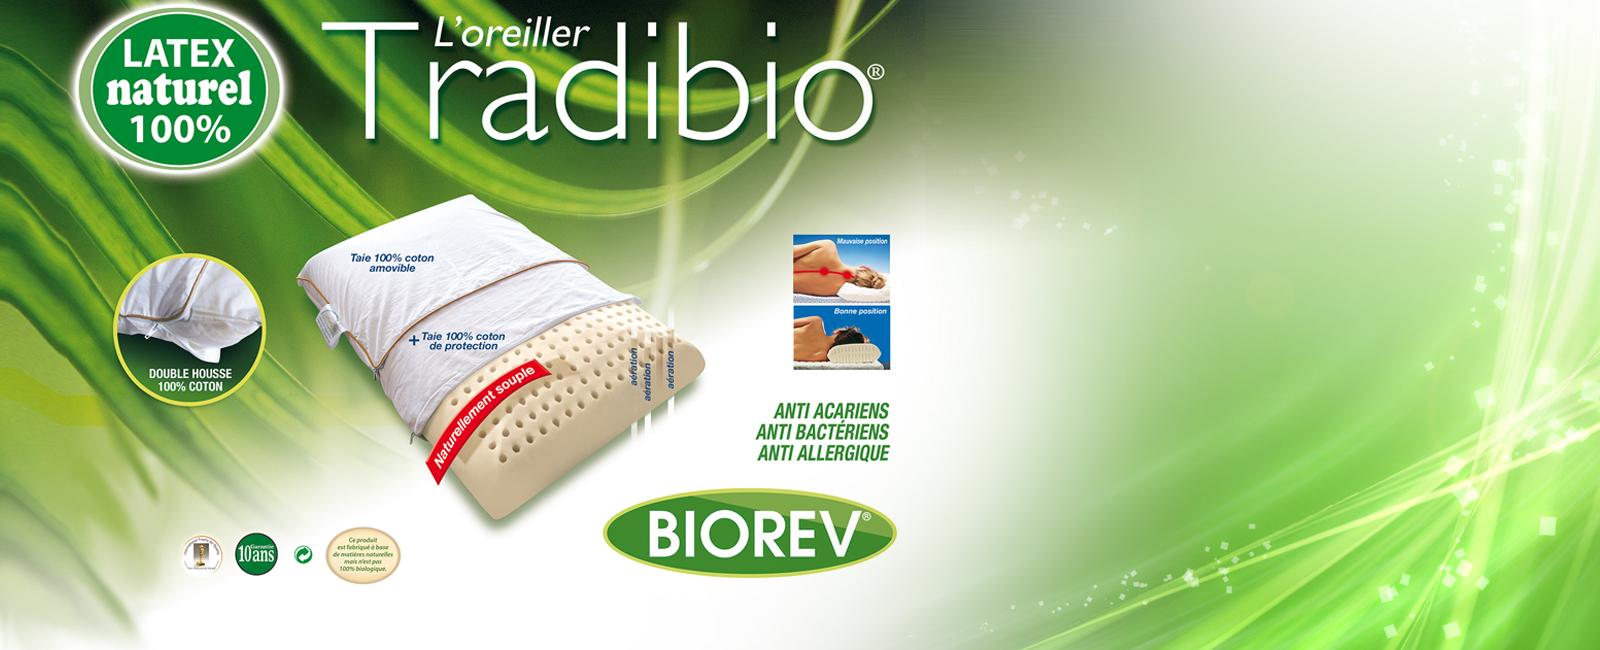 oreiller ergonomique biorev QoQa France   Biorev Oreillers en latex végétal oreiller ergonomique biorev